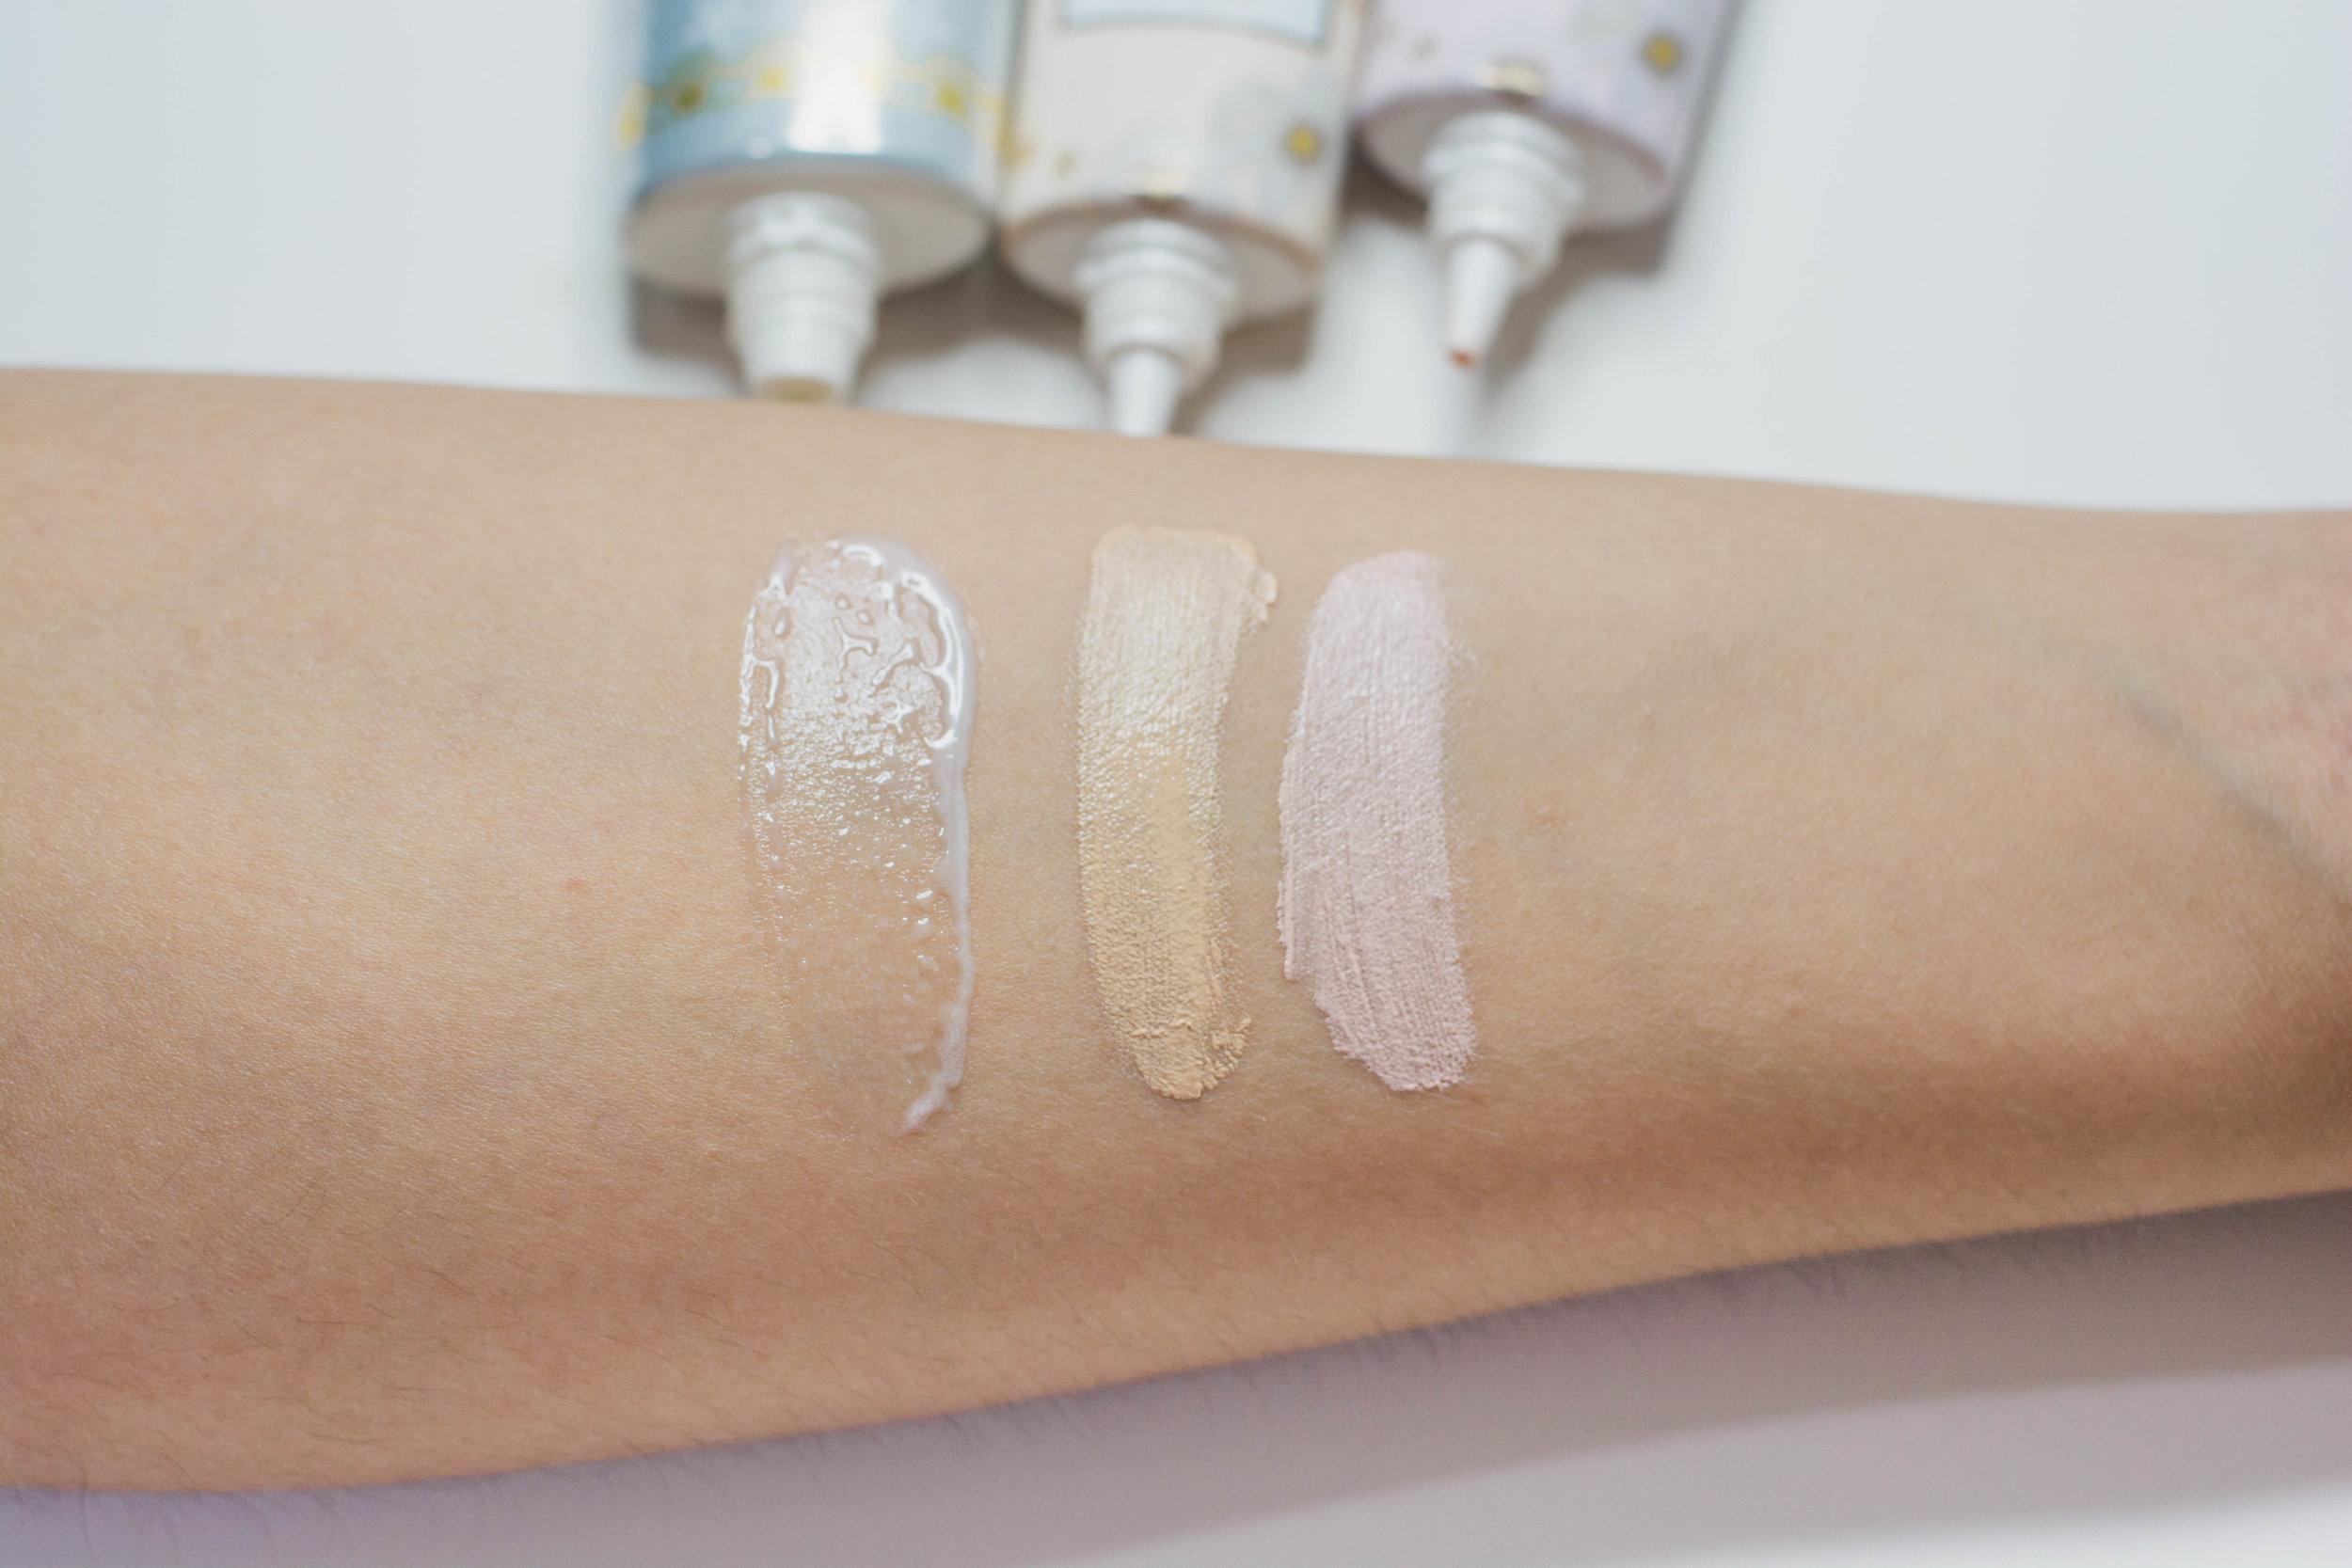 Swatches, from left: Mermaid Skin Gel UV, Juicy Glow Skin Base in  Beige  and  Pink